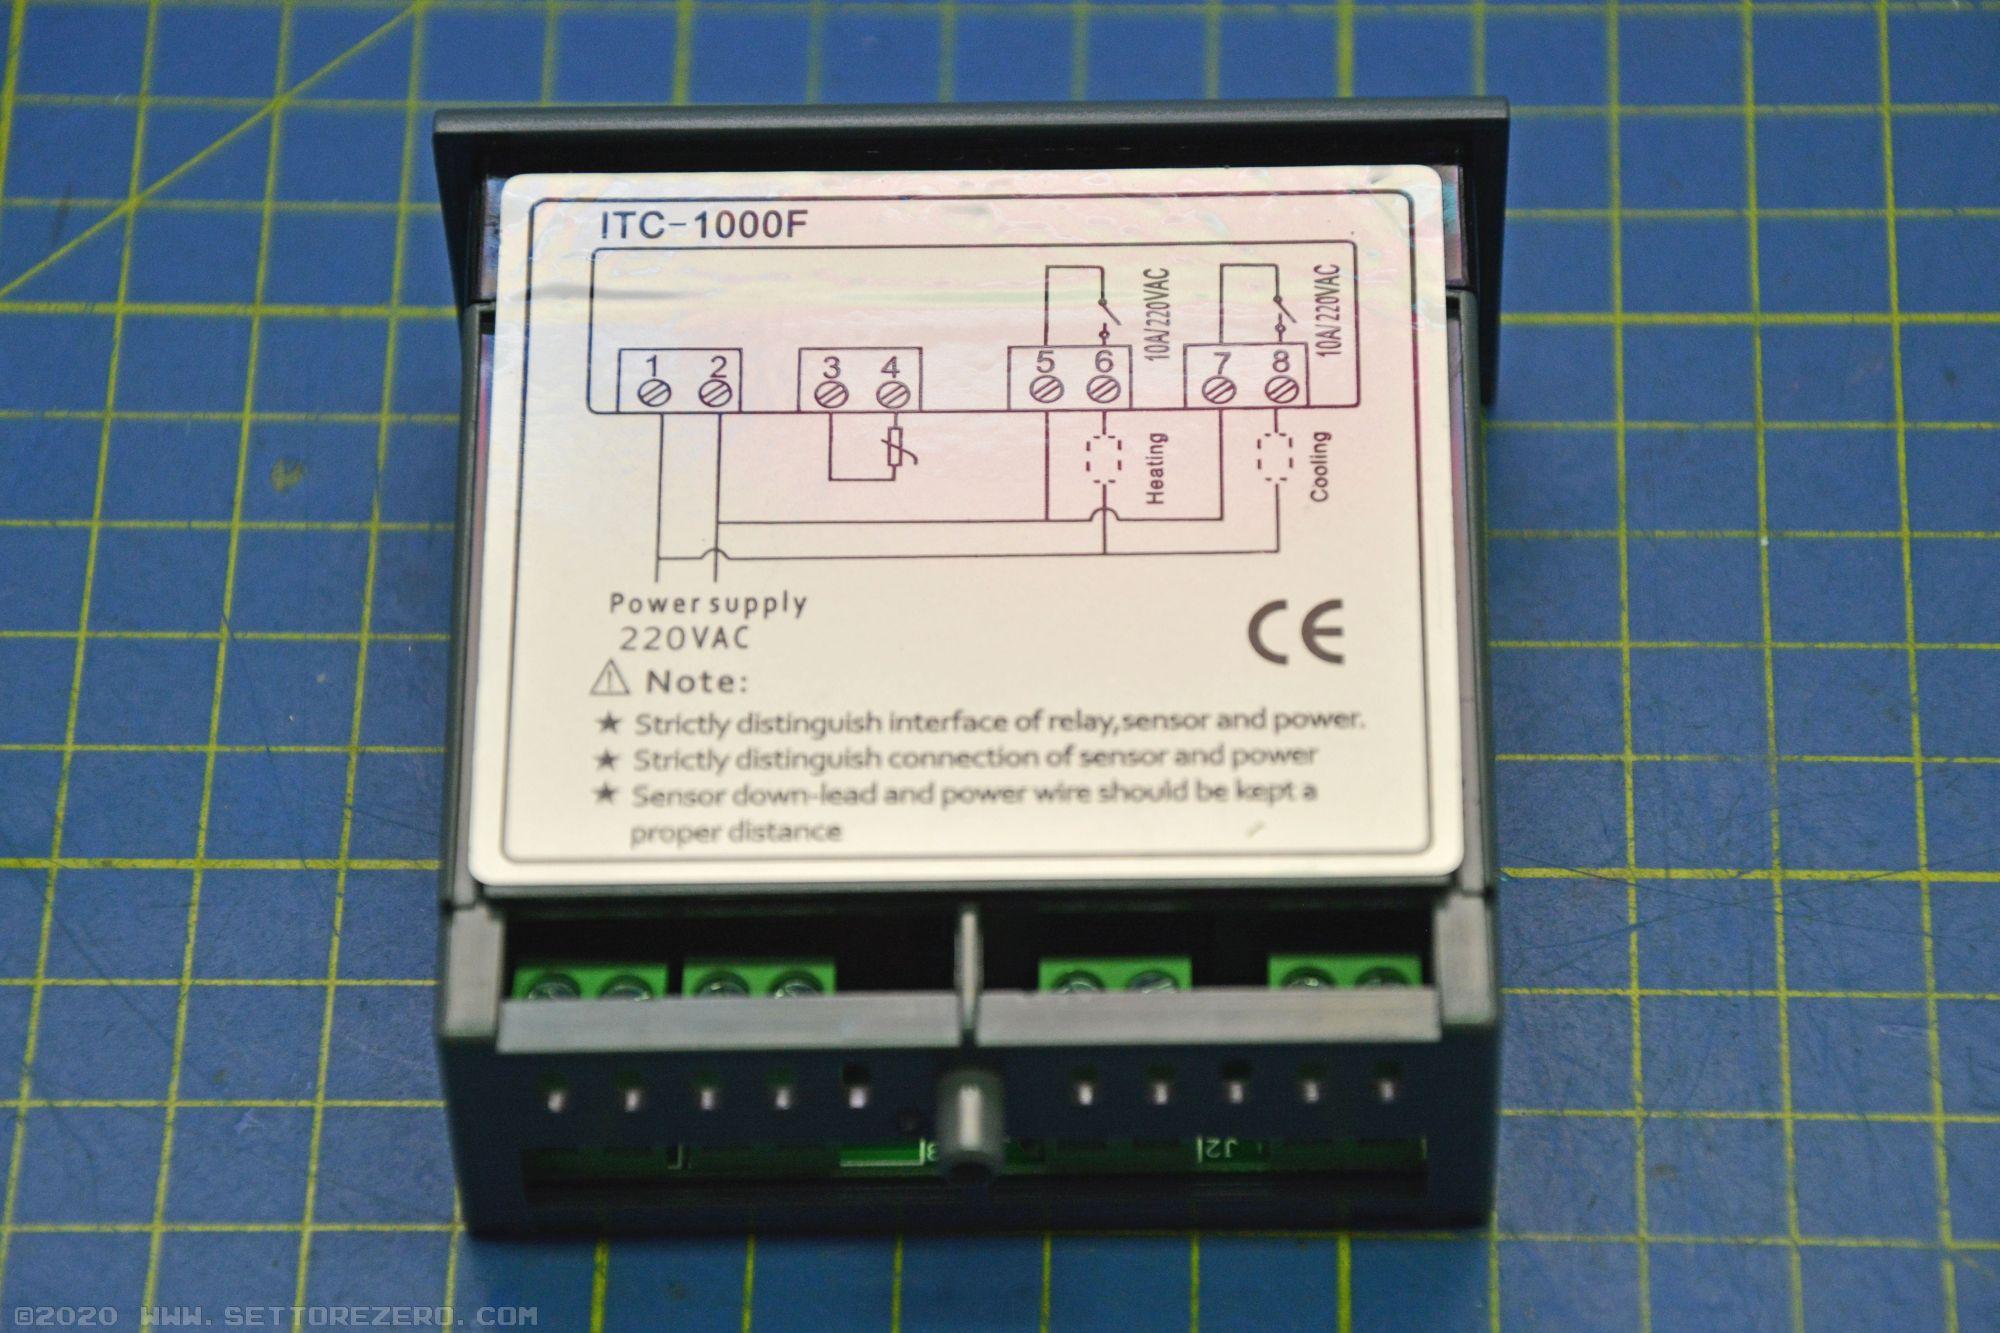 termostato_settorezero_09